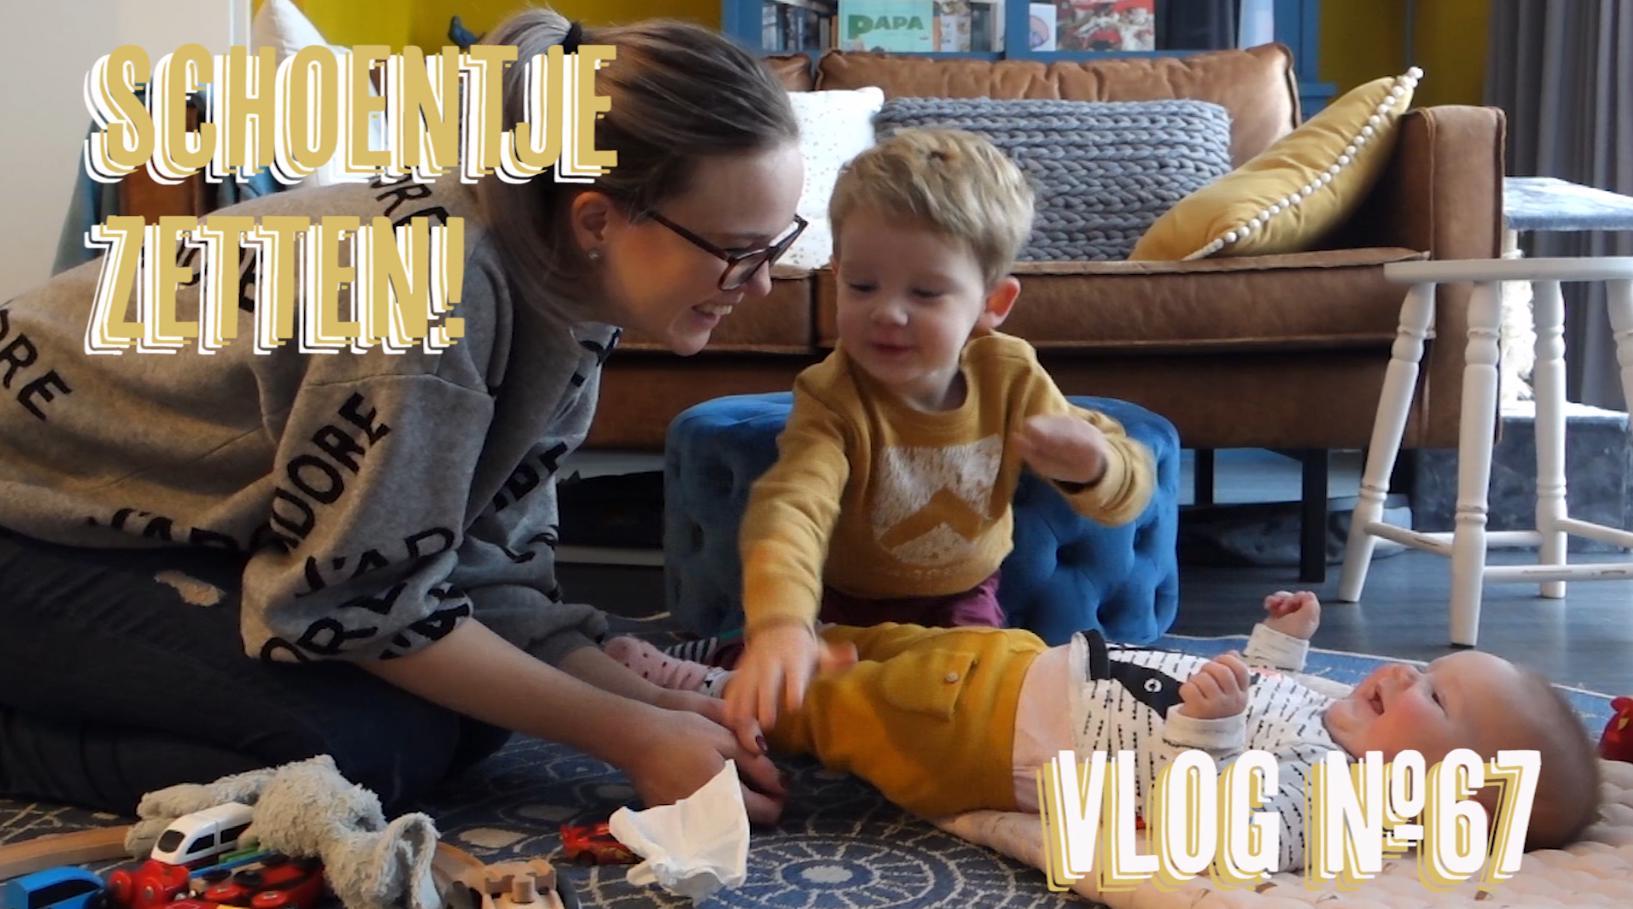 Vlog #67: Vriendinnenpret in Abcoude & Schoentje zetten!